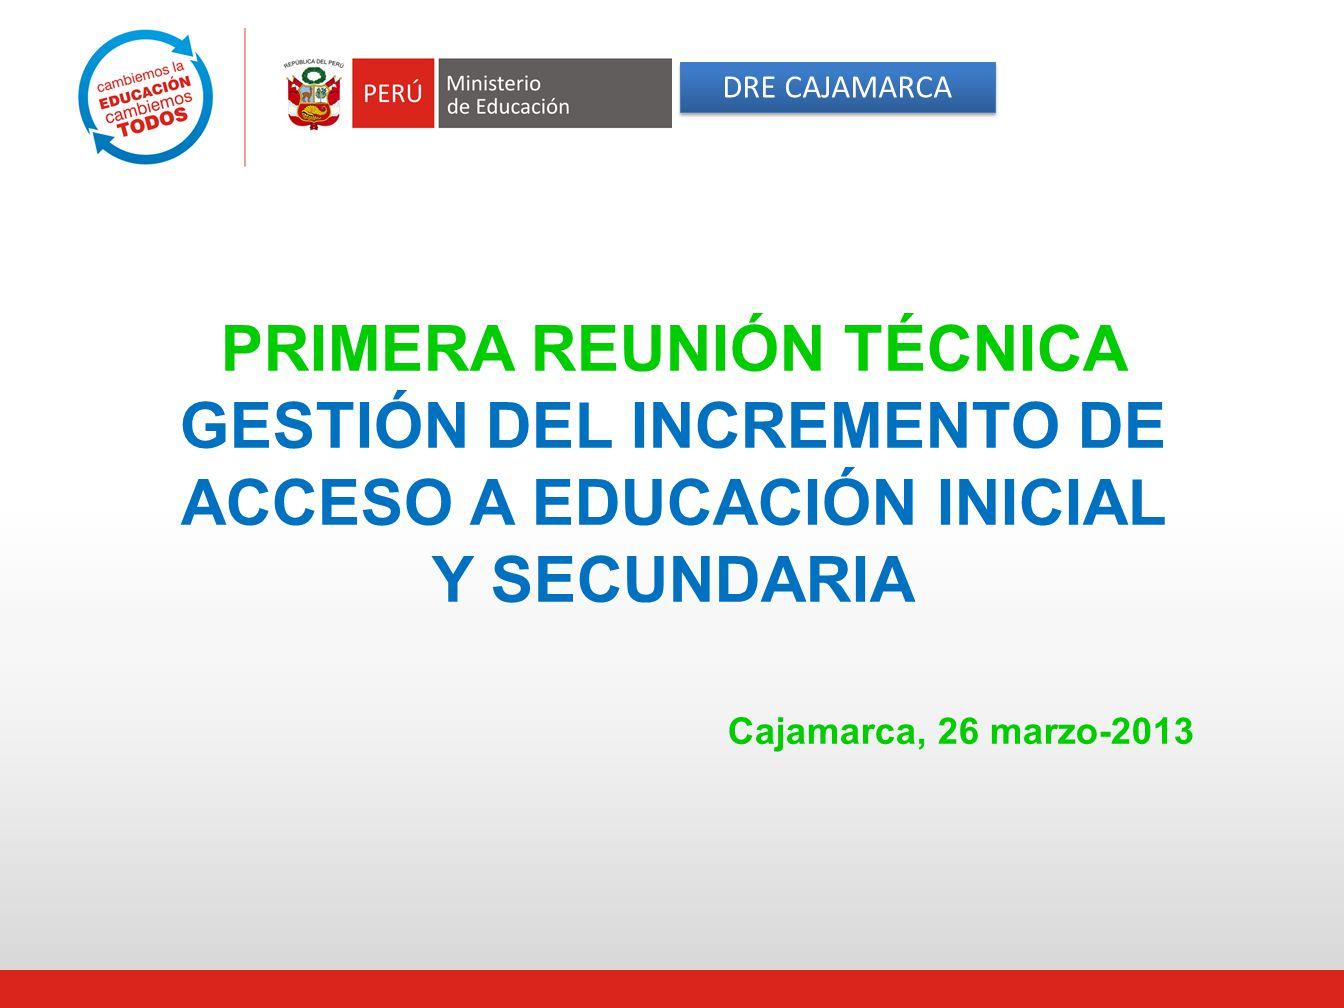 PRIMERA REUNIÓN TÉCNICA GESTIÓN DEL INCREMENTO DE ACCESO A EDUCACIÓN INICIAL Y SECUNDARIA Cajamarca, 26 marzo-2013 DRE CAJAMARCA